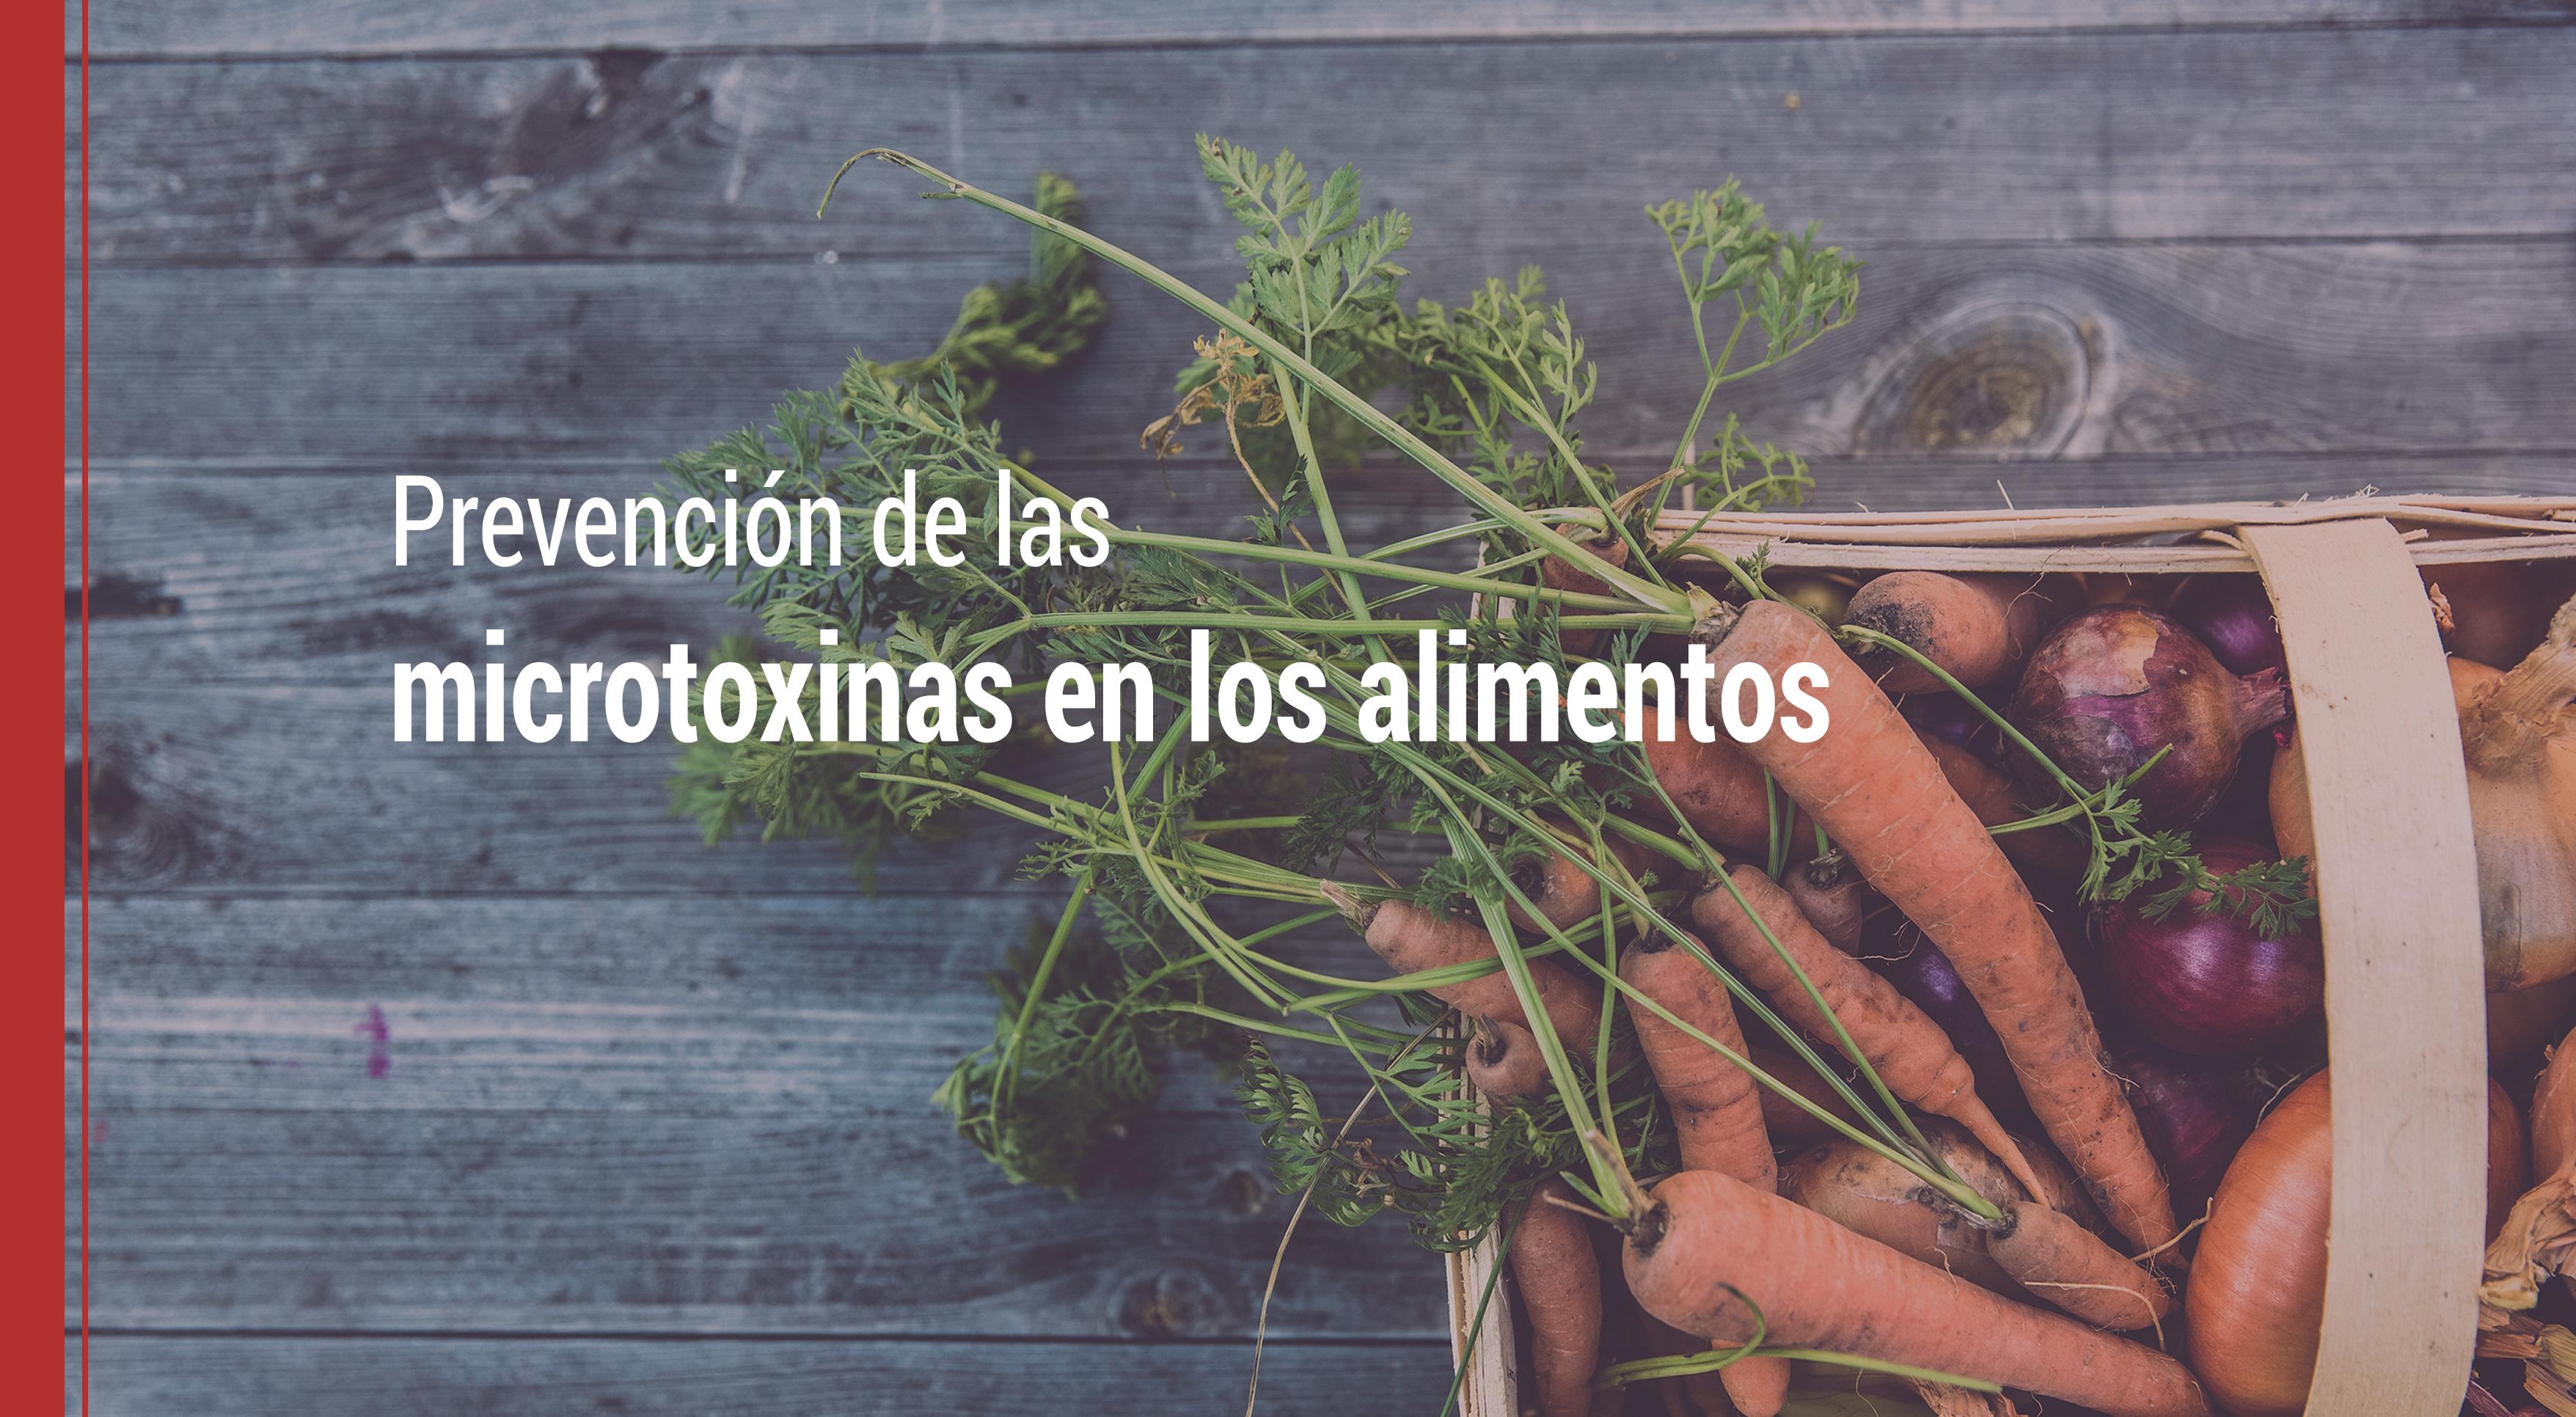 seguridad-alimentaria-prevenir-microtoxinas-alimentos AECOSAN y la prevención de las microtoxinas en los alimentos